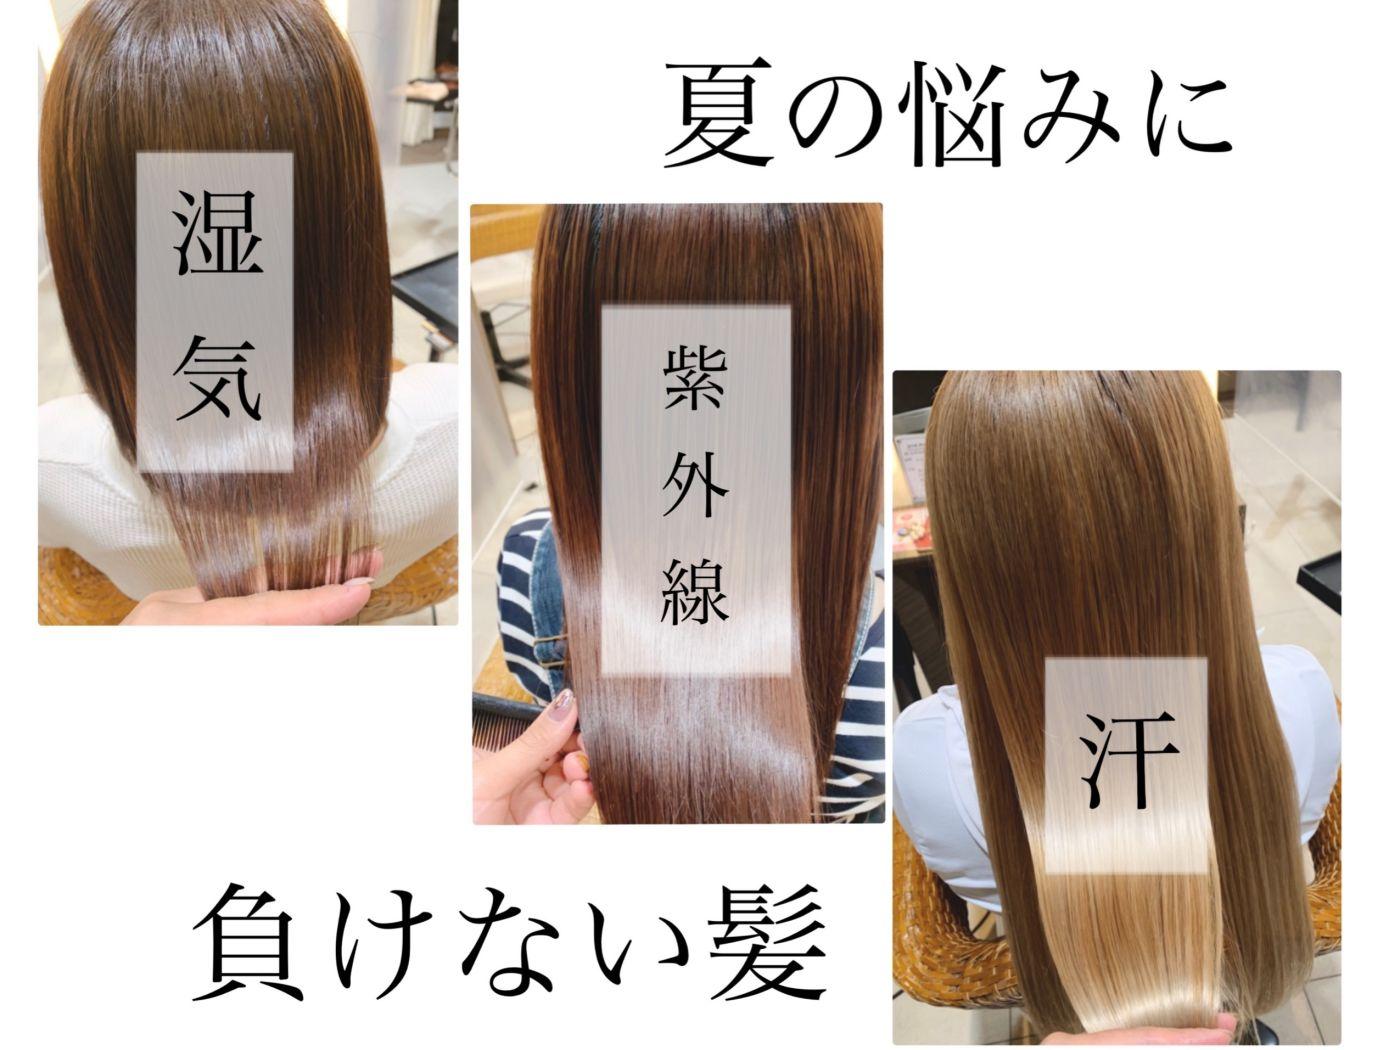 【自分に合った髪質改善】悩み別髪質改善メニューカタログ